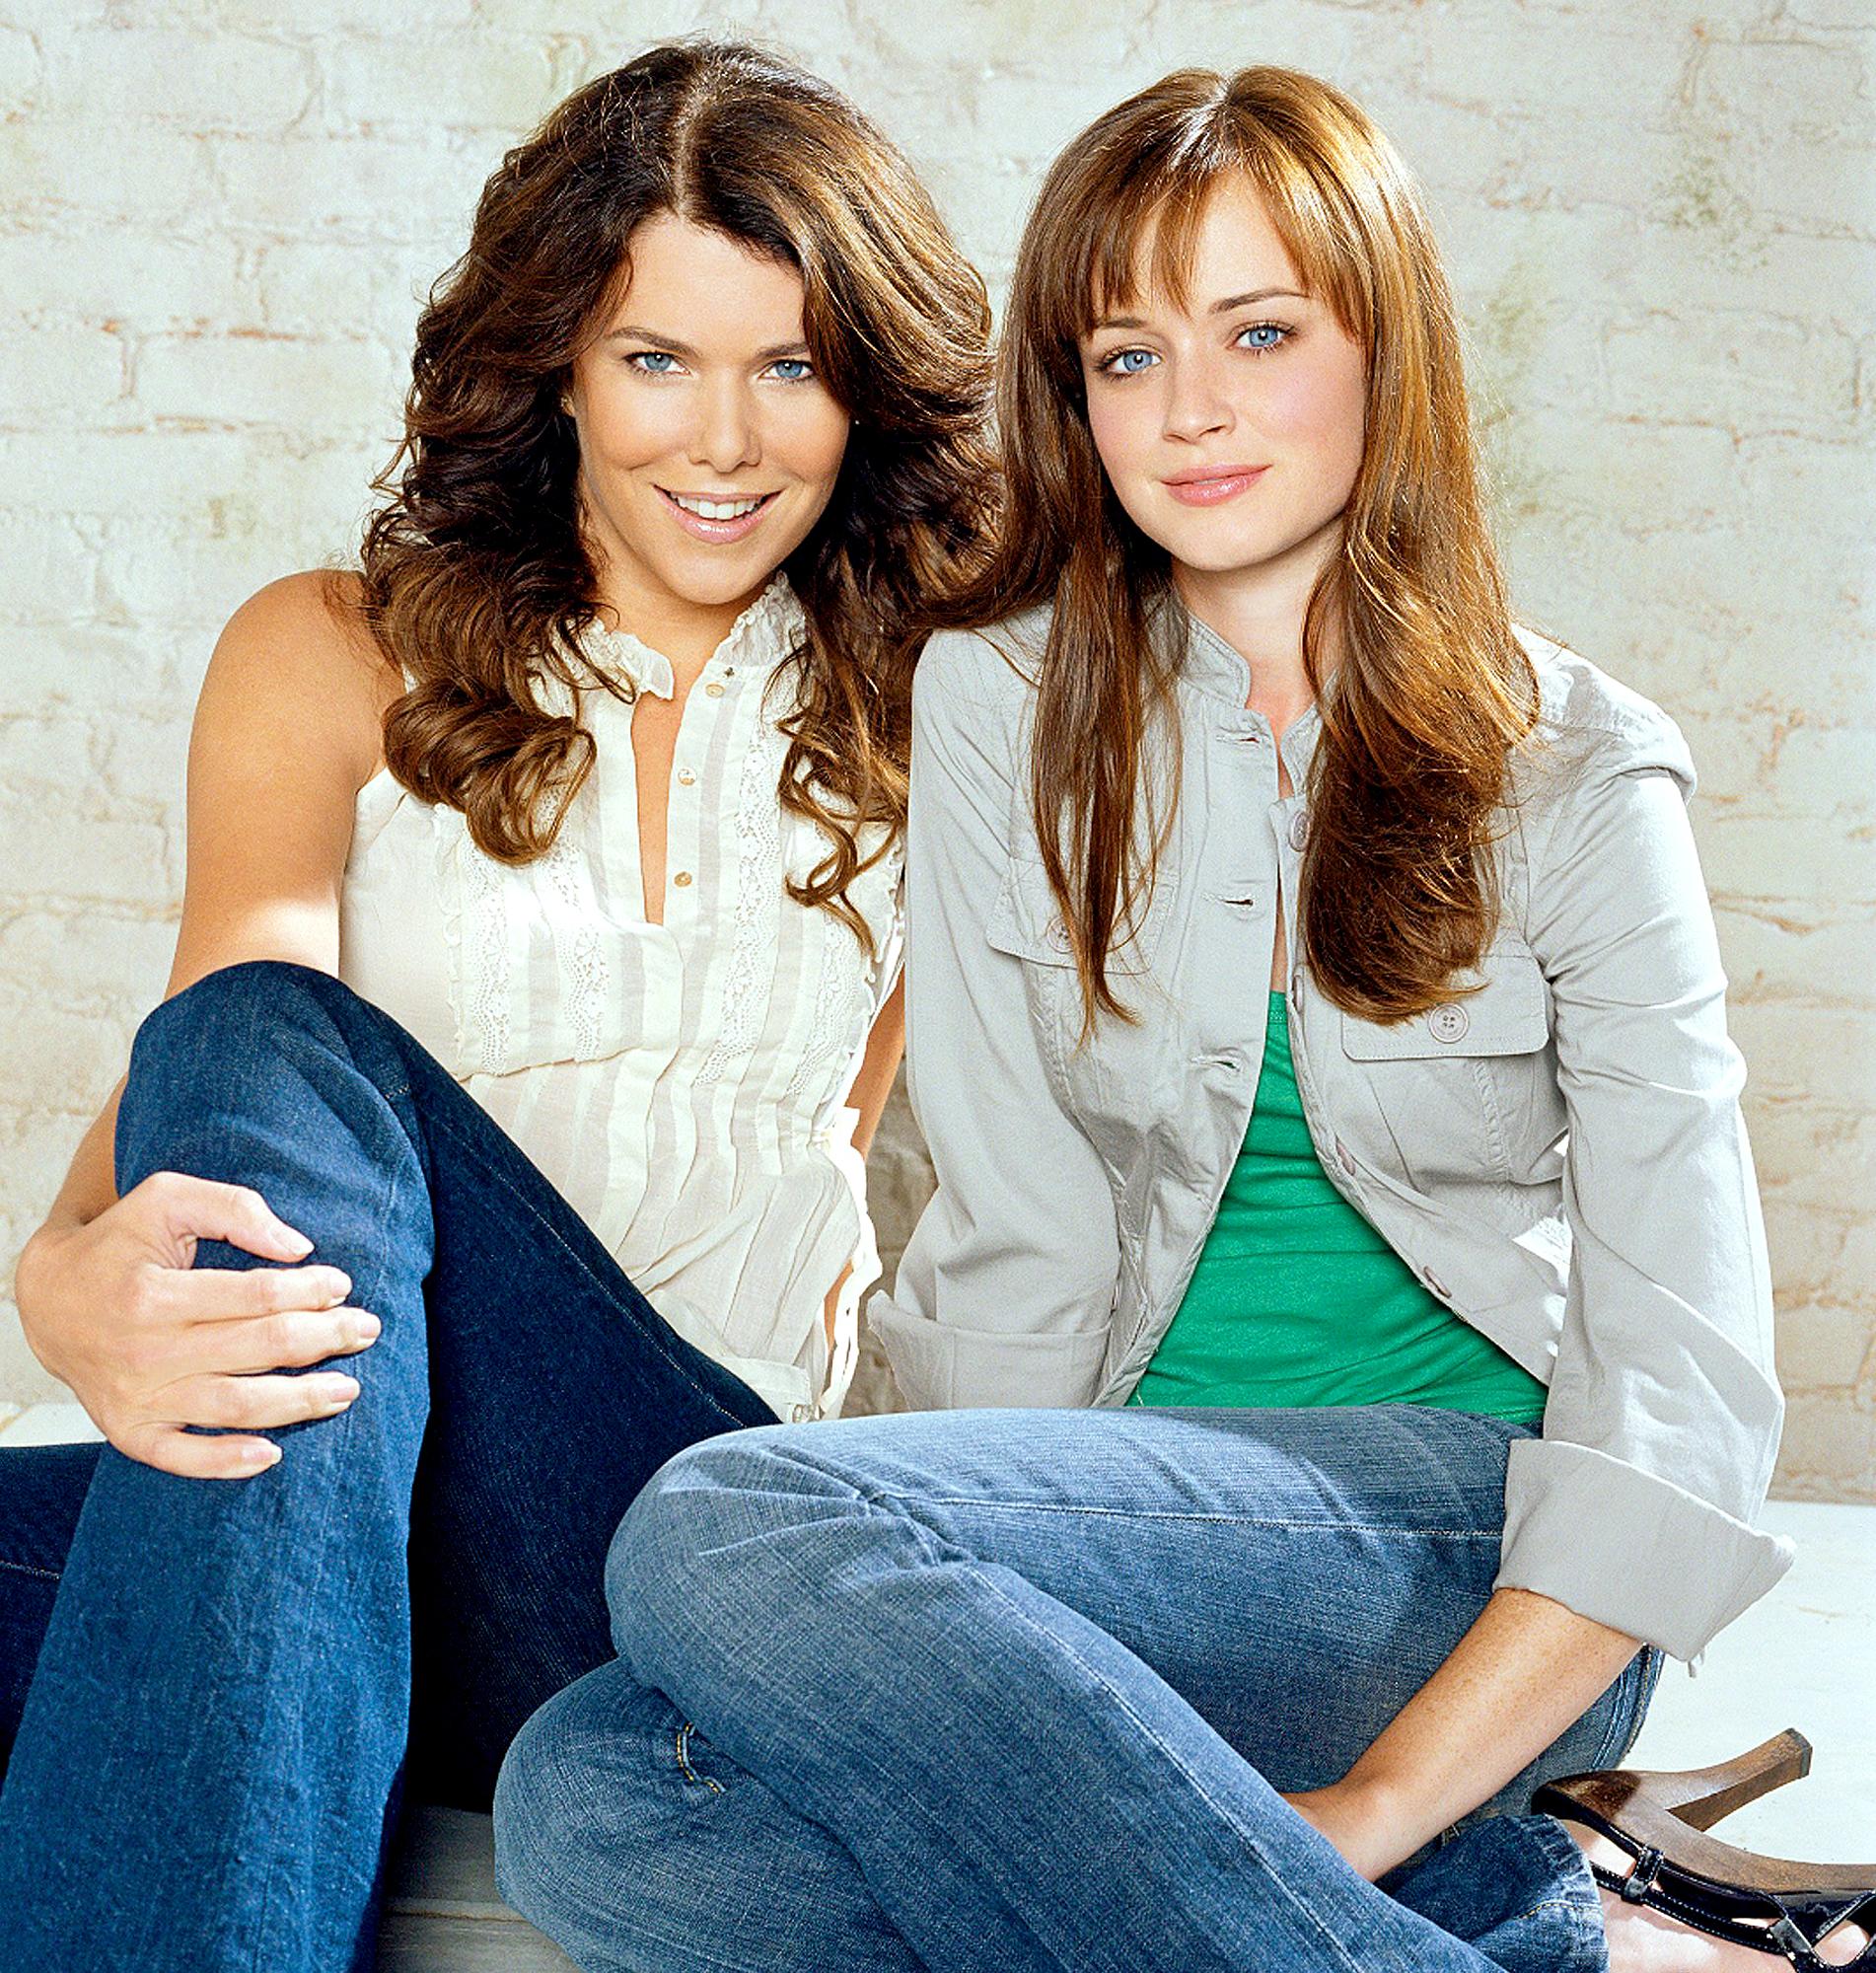 Lauren Graham and Alexis Bledel